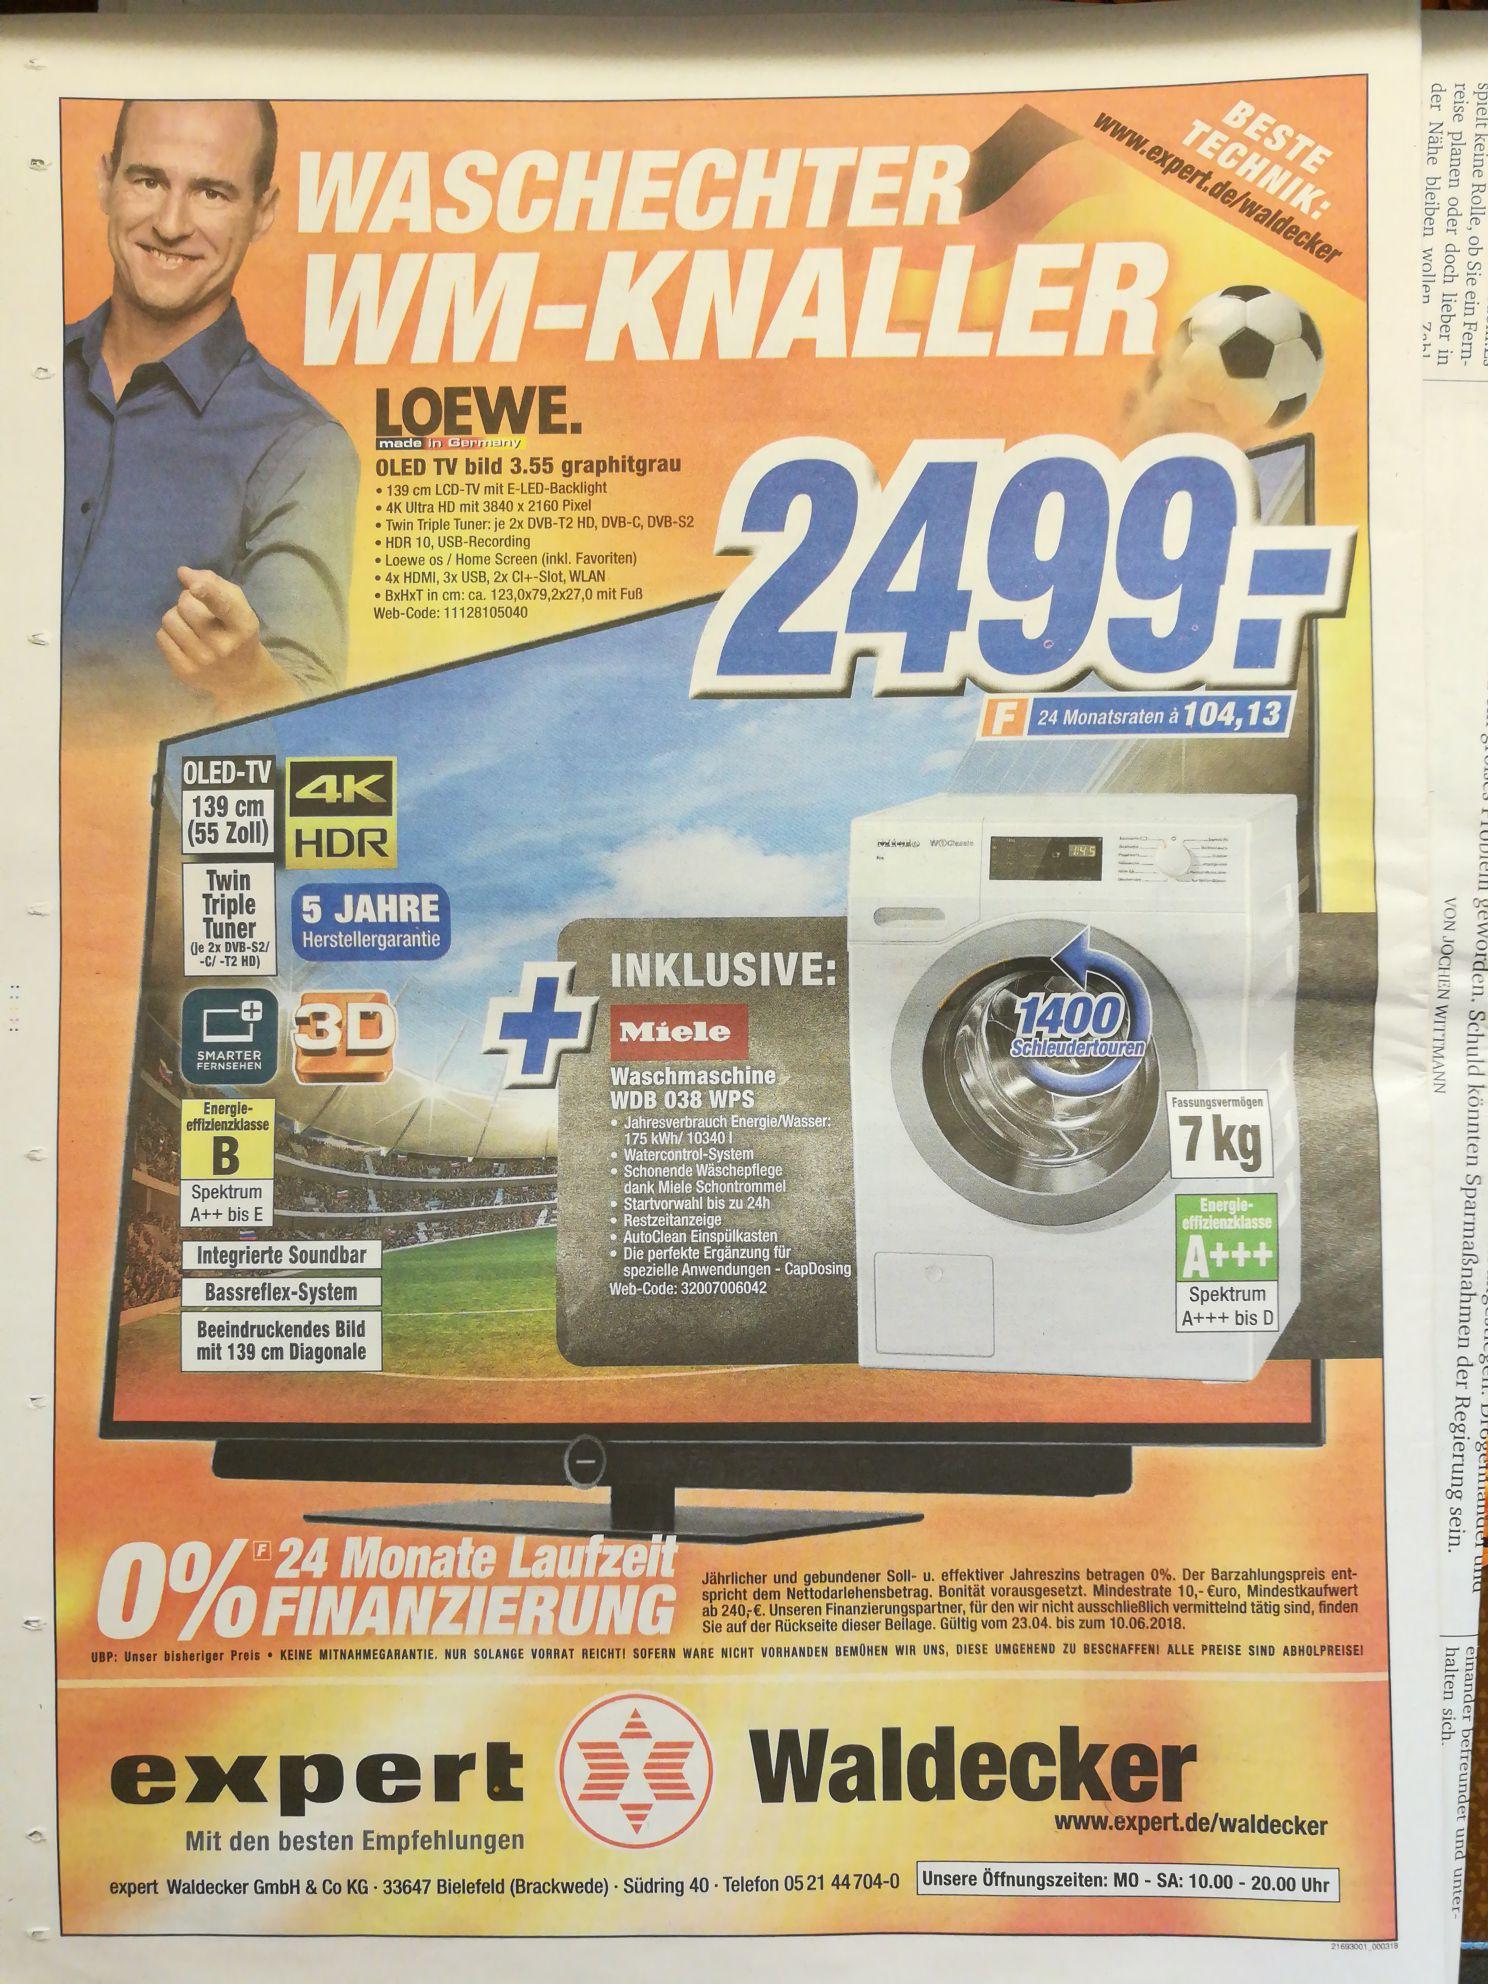 Loewe OLED TV Bild 3.55 + Miele Waschmaschine WDB 038 WPS (lokal BI)